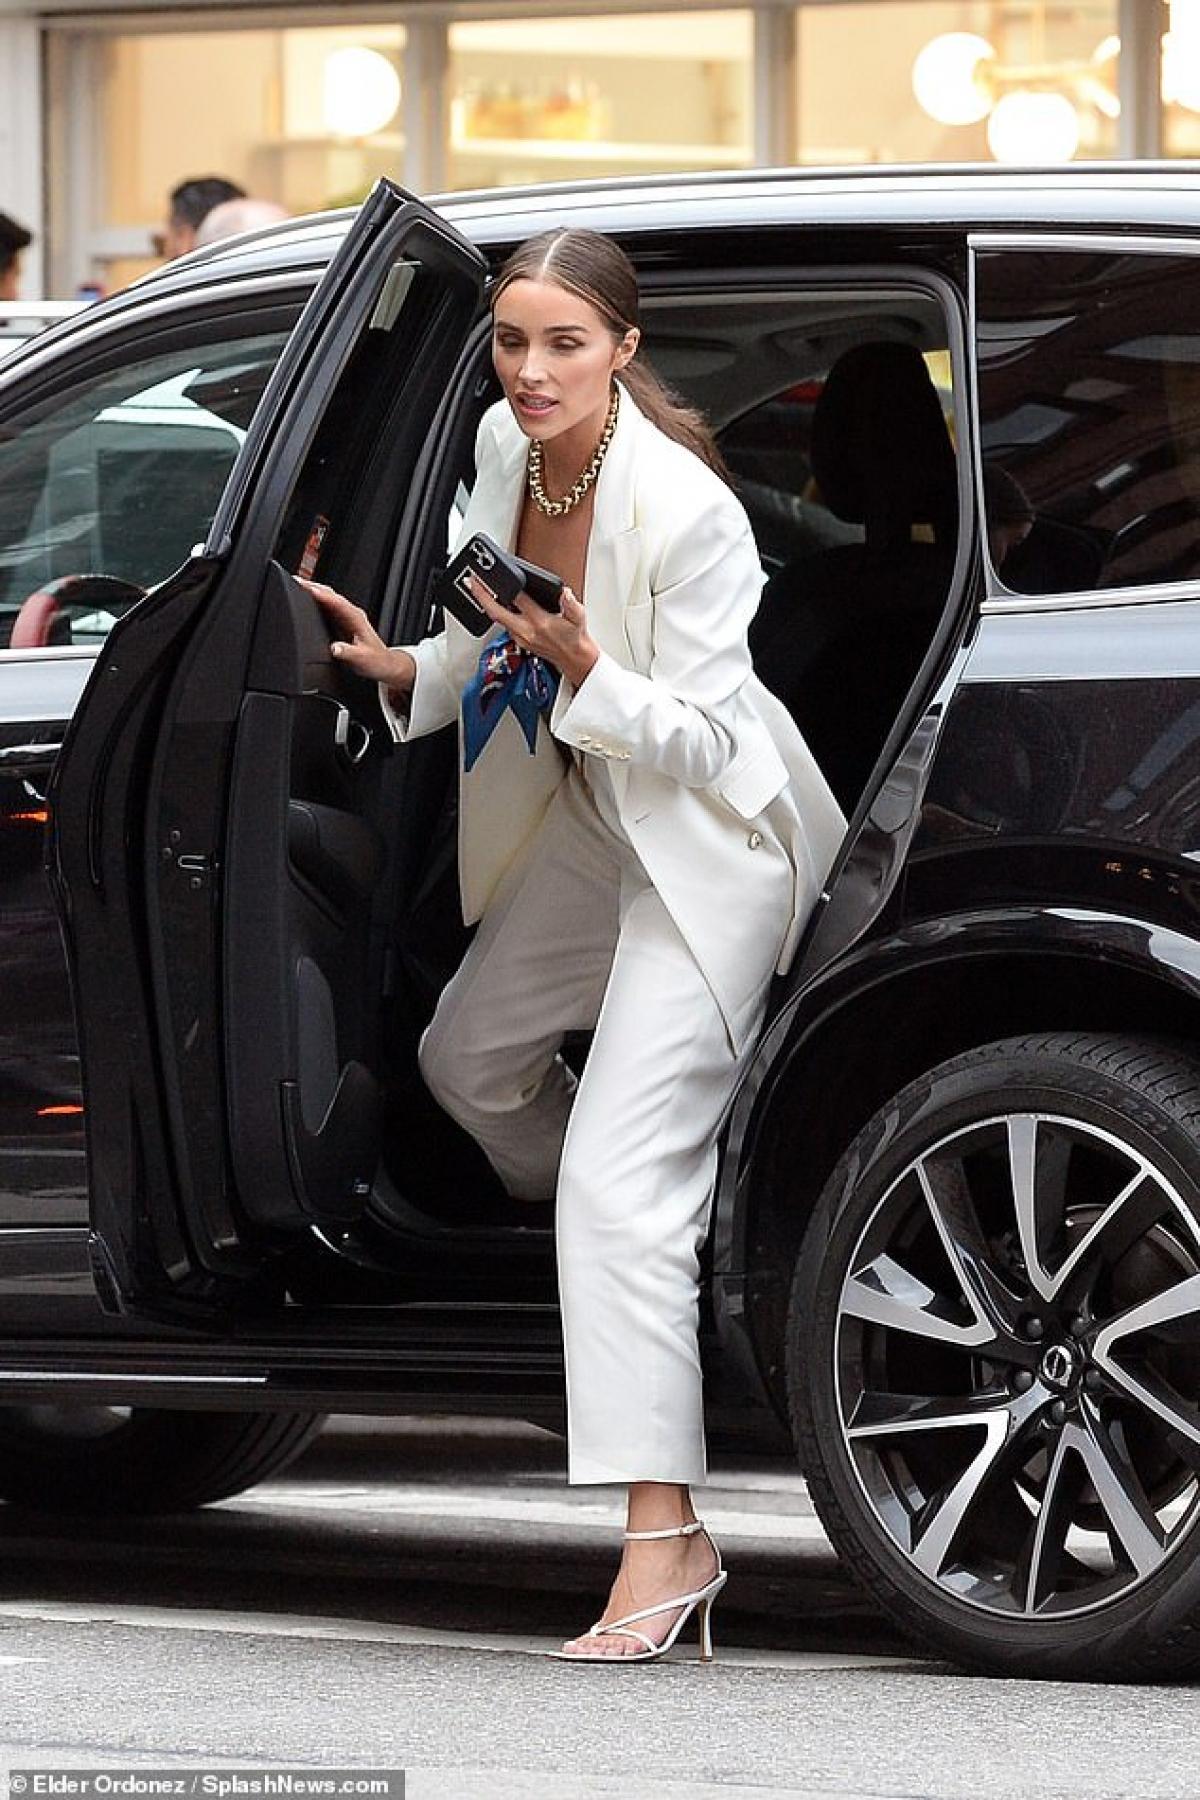 Người đẹp bước xuống từ siêu xe, thu hút mọi ánh nhìn.